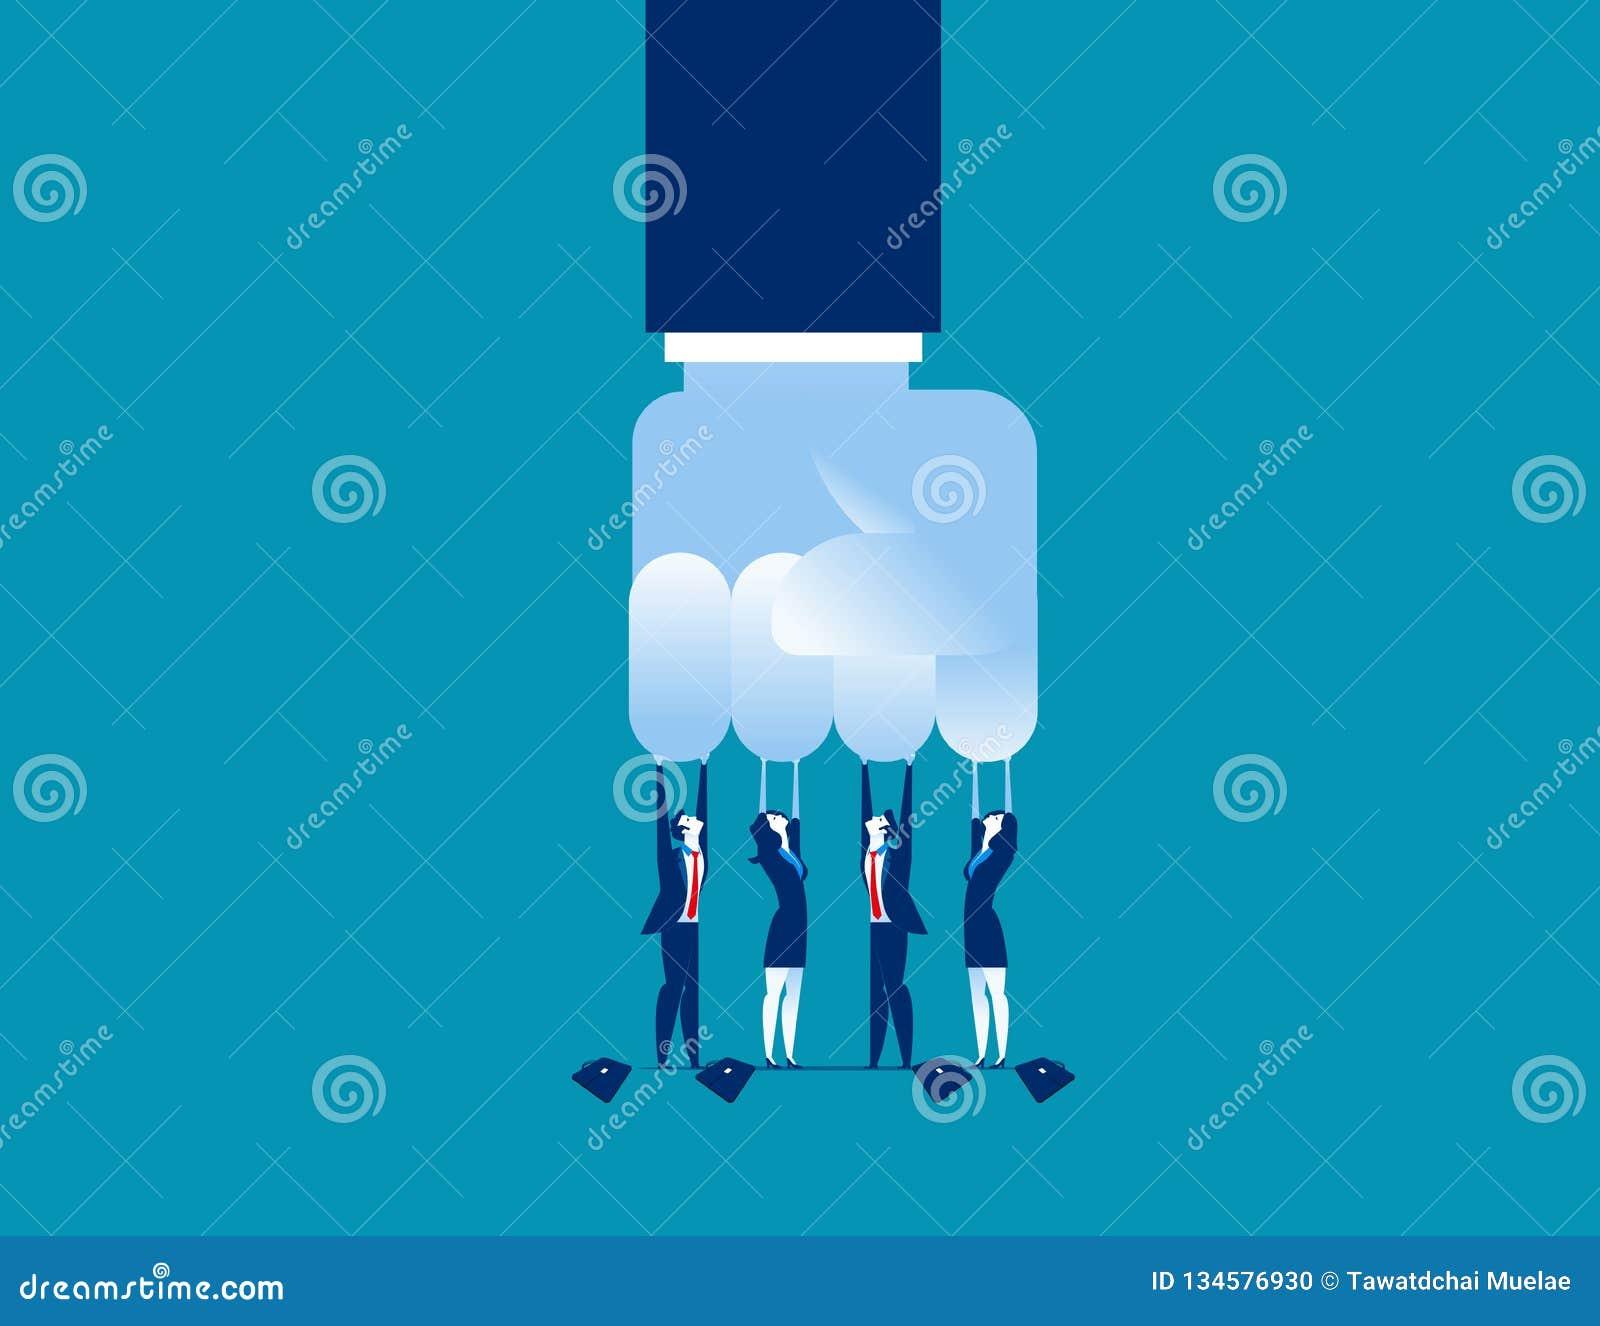 挑战 小挑战大笔生意 概念企业传染媒介例证